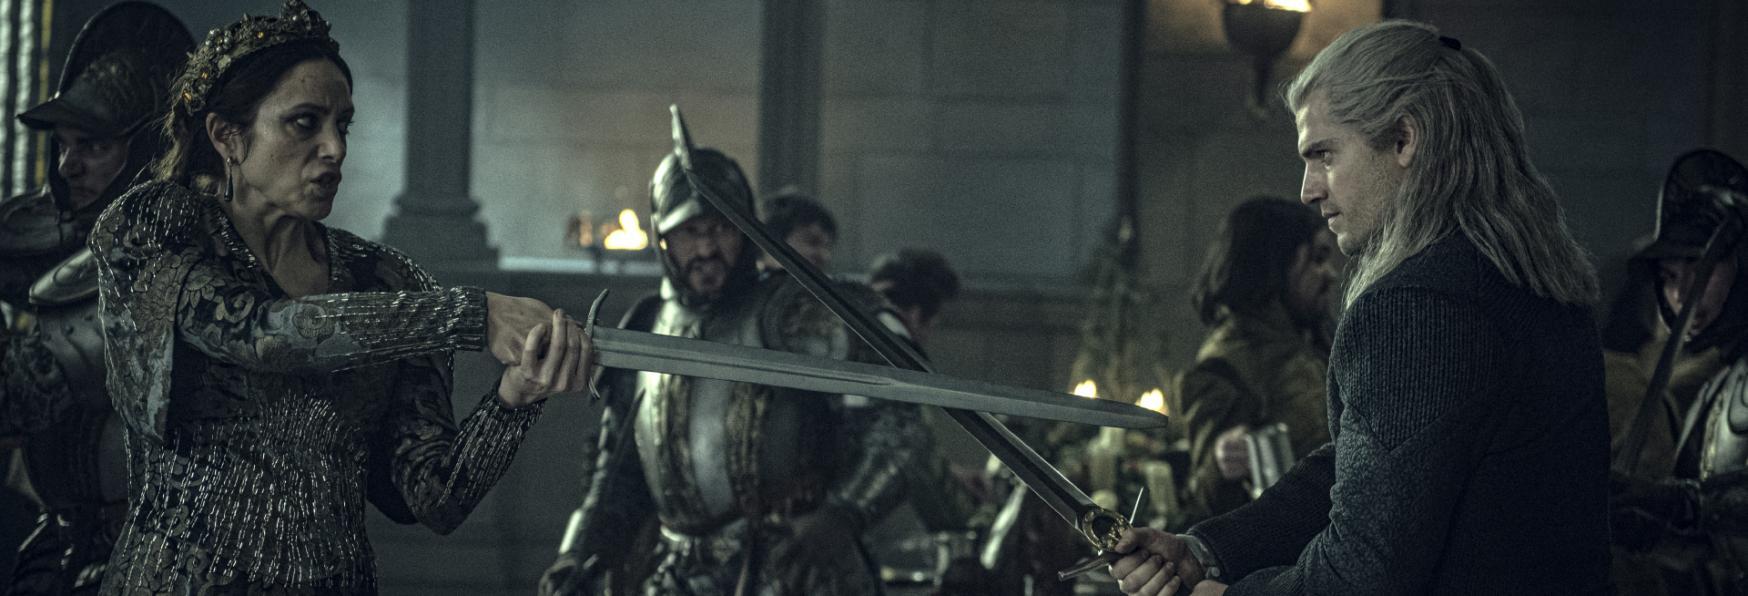 The Witcher 2: vedremo una Grande Battaglia a Kaer Morhen? Rumor sulle Riprese in corso!